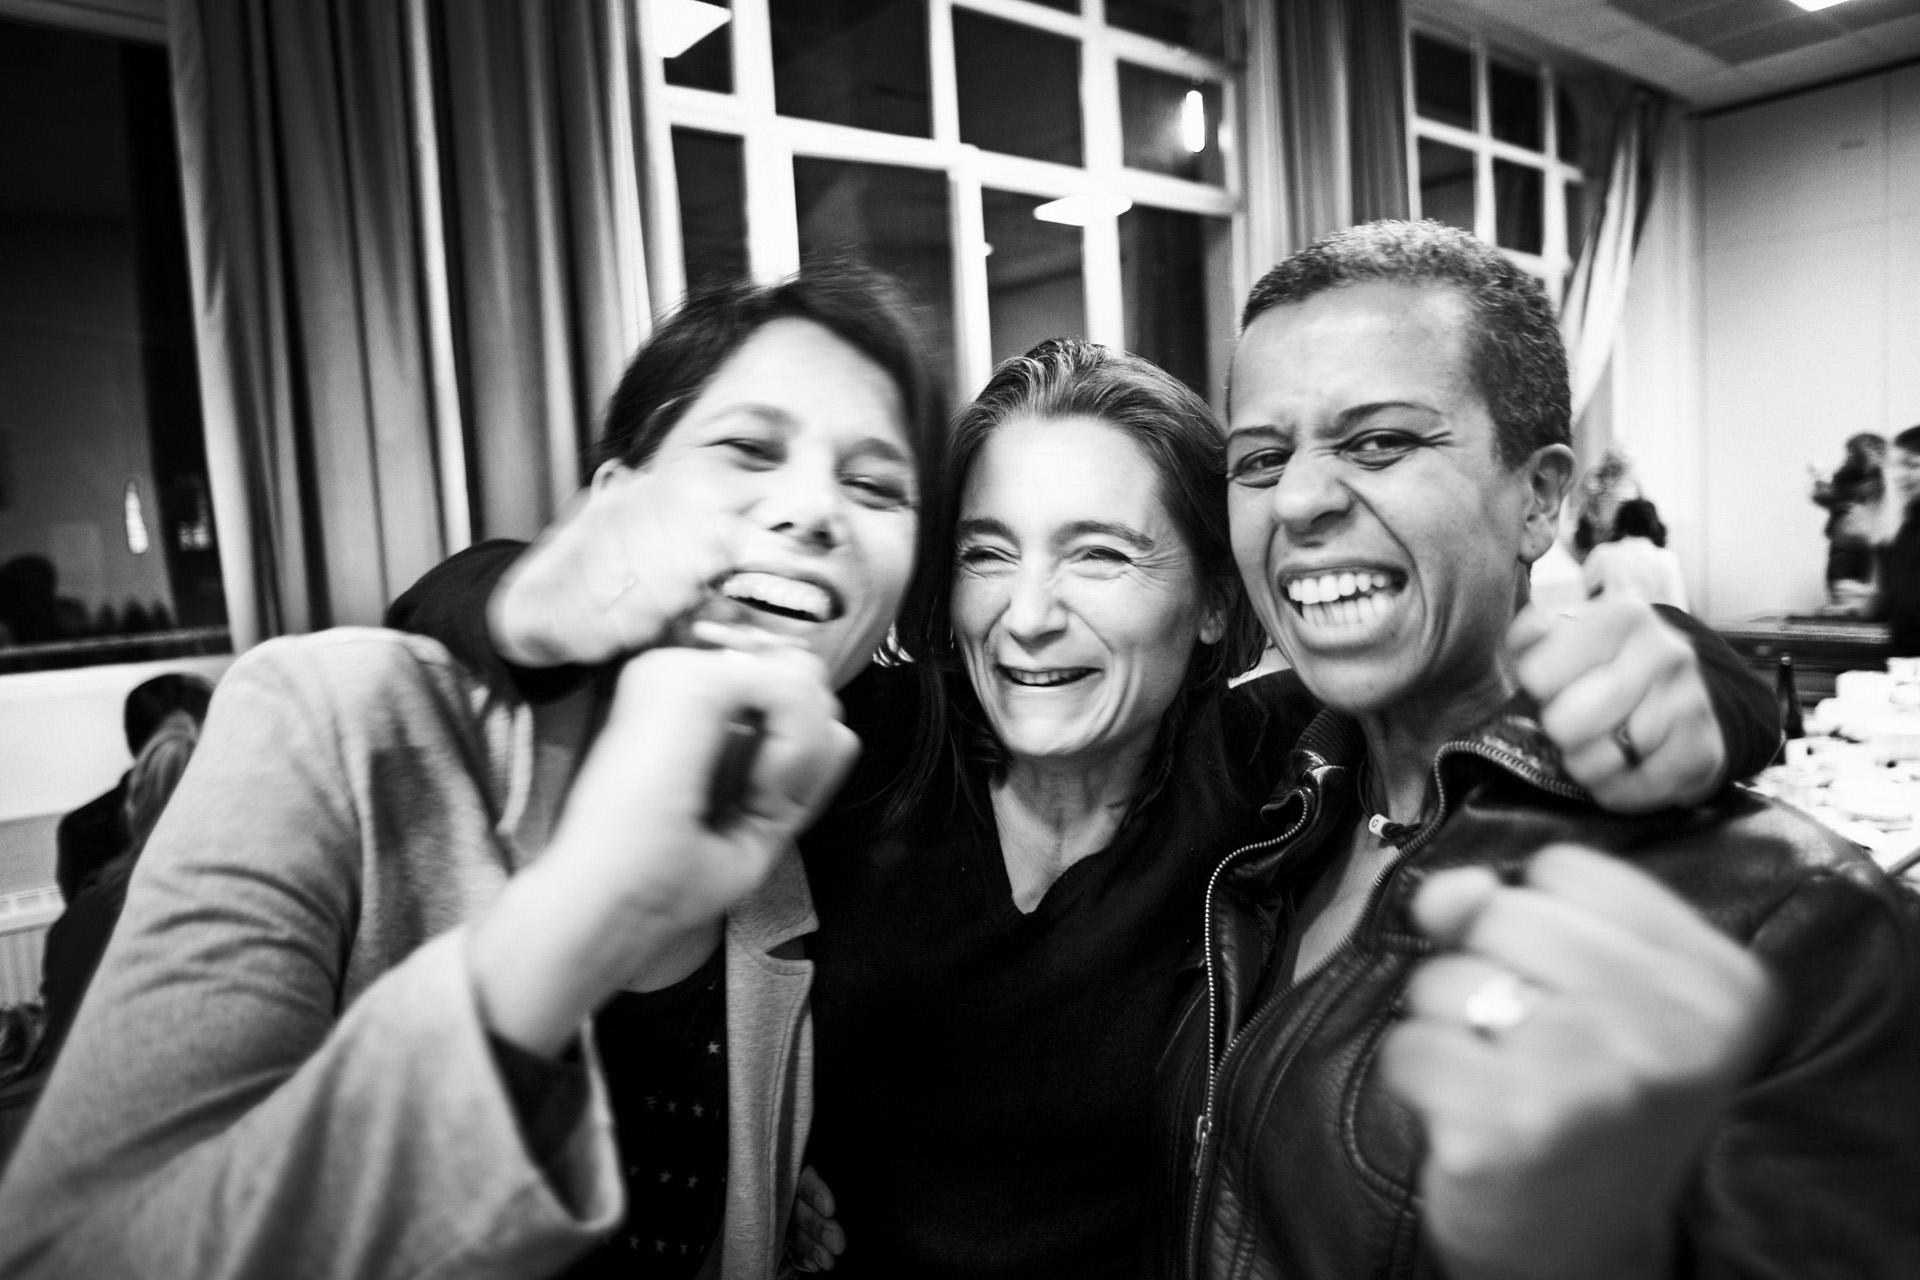 Lyon, le 9 avril 2010. Conscients que la lutte pour la régularisation n'est pas finie, les membres du collectif de soutien affichent tout de même leur satisfaction de voir Guilherme de retour aux côtés de sa famille. Ils savent cependant que l'obtention de papiers peut prendre des années et que la menace d'expulsion reste très présente.